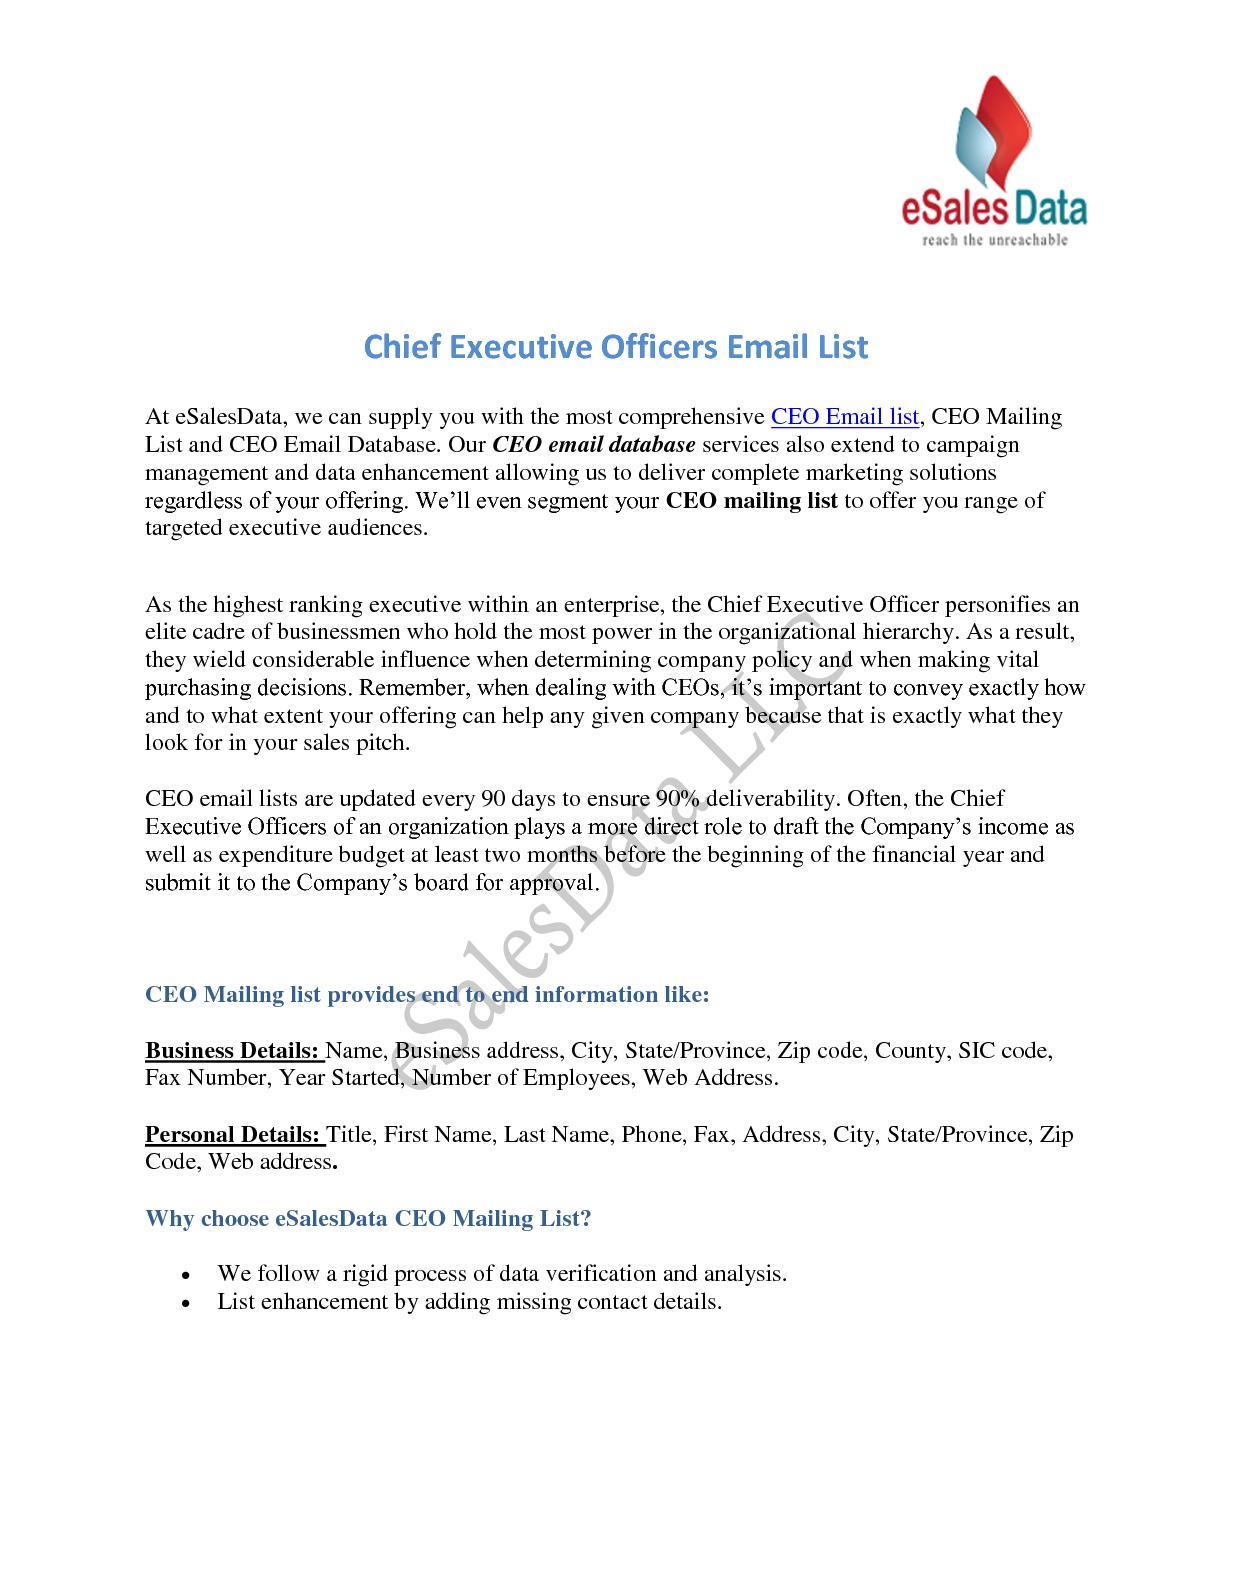 Calaméo - Ceo Email List